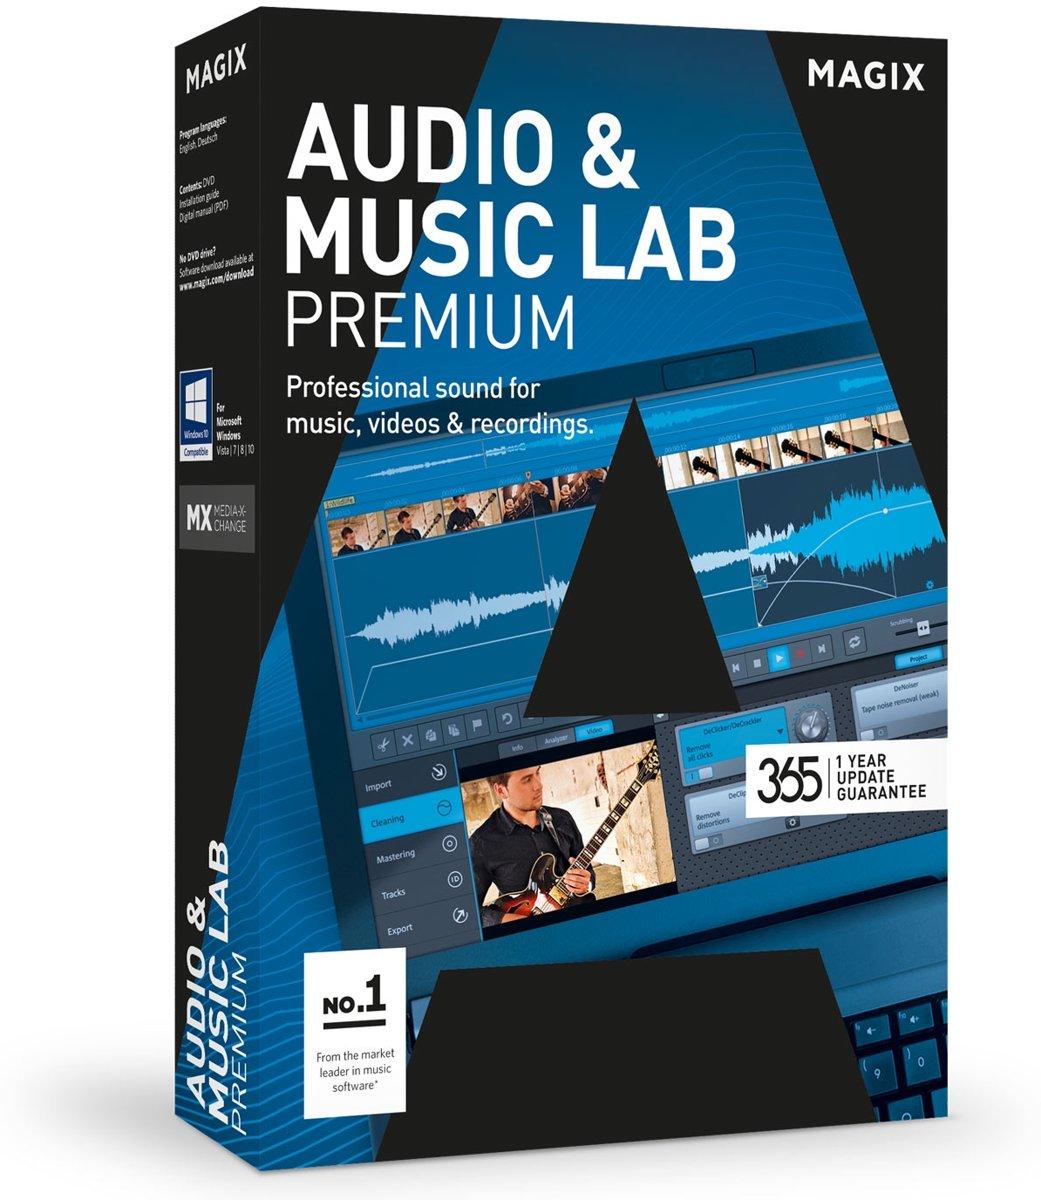 Audio & Music Lab Premium kopen